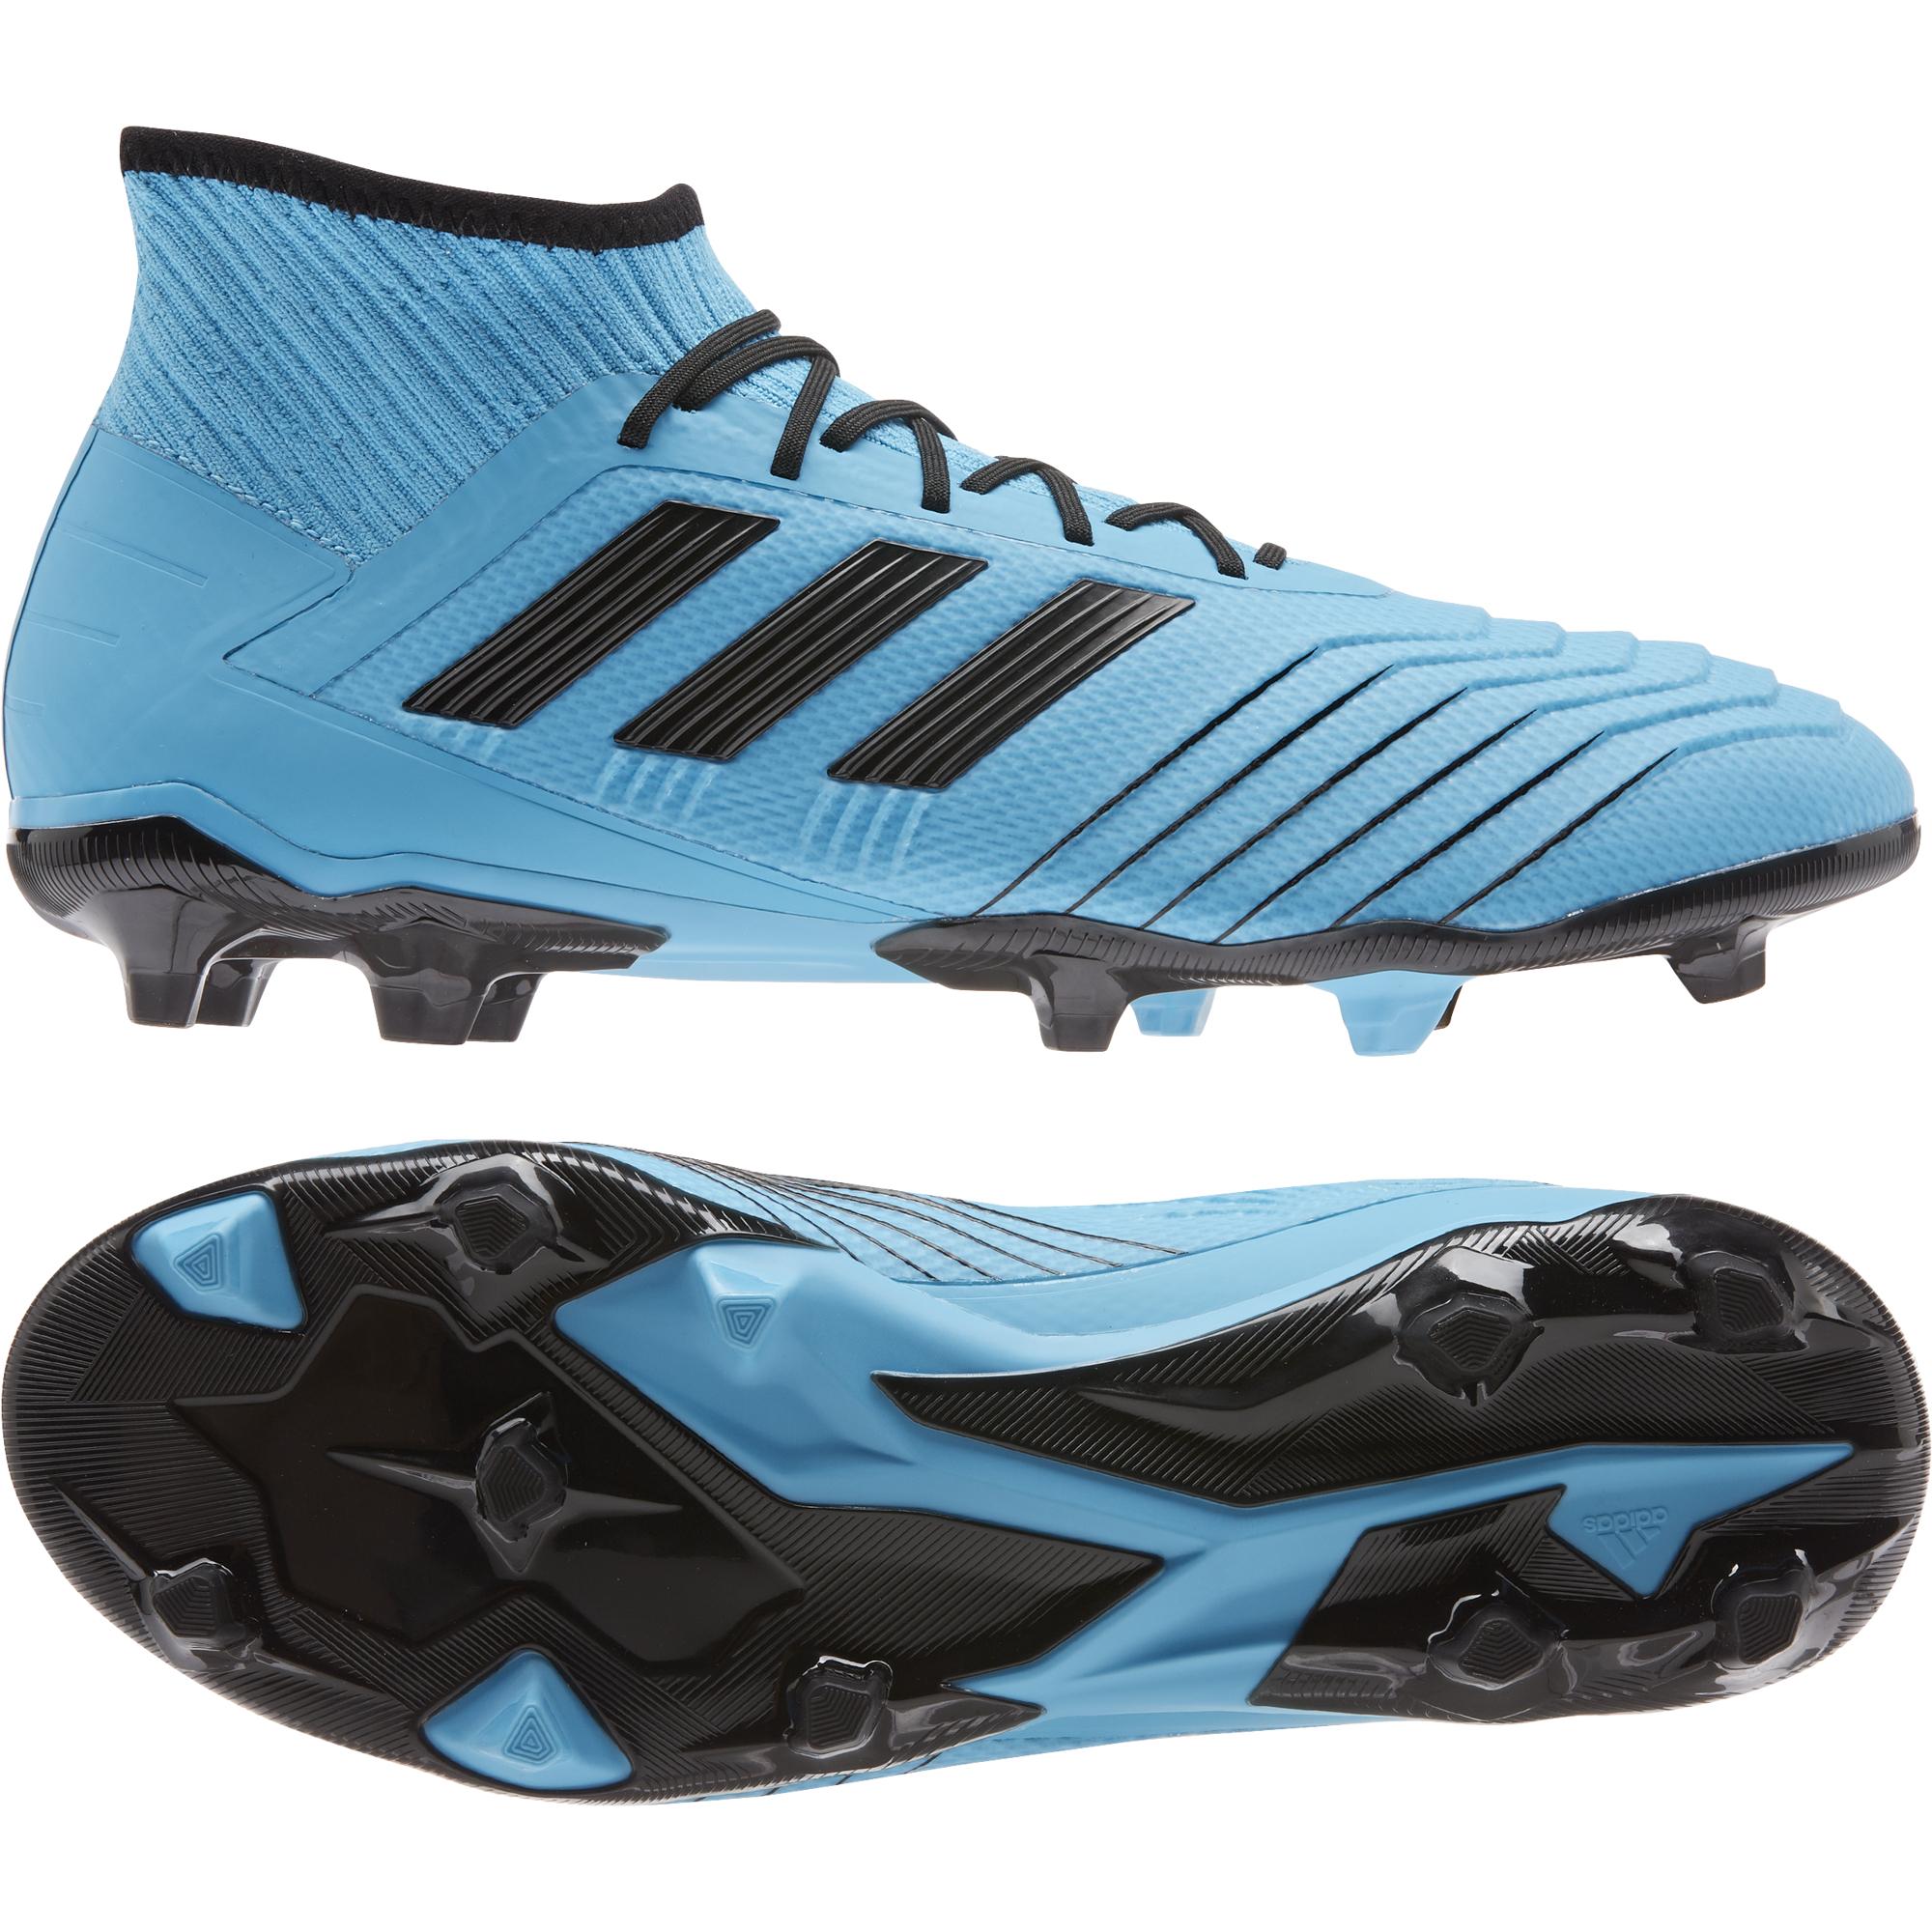 adidas PREDATOR 19.2 FG blau schwarz